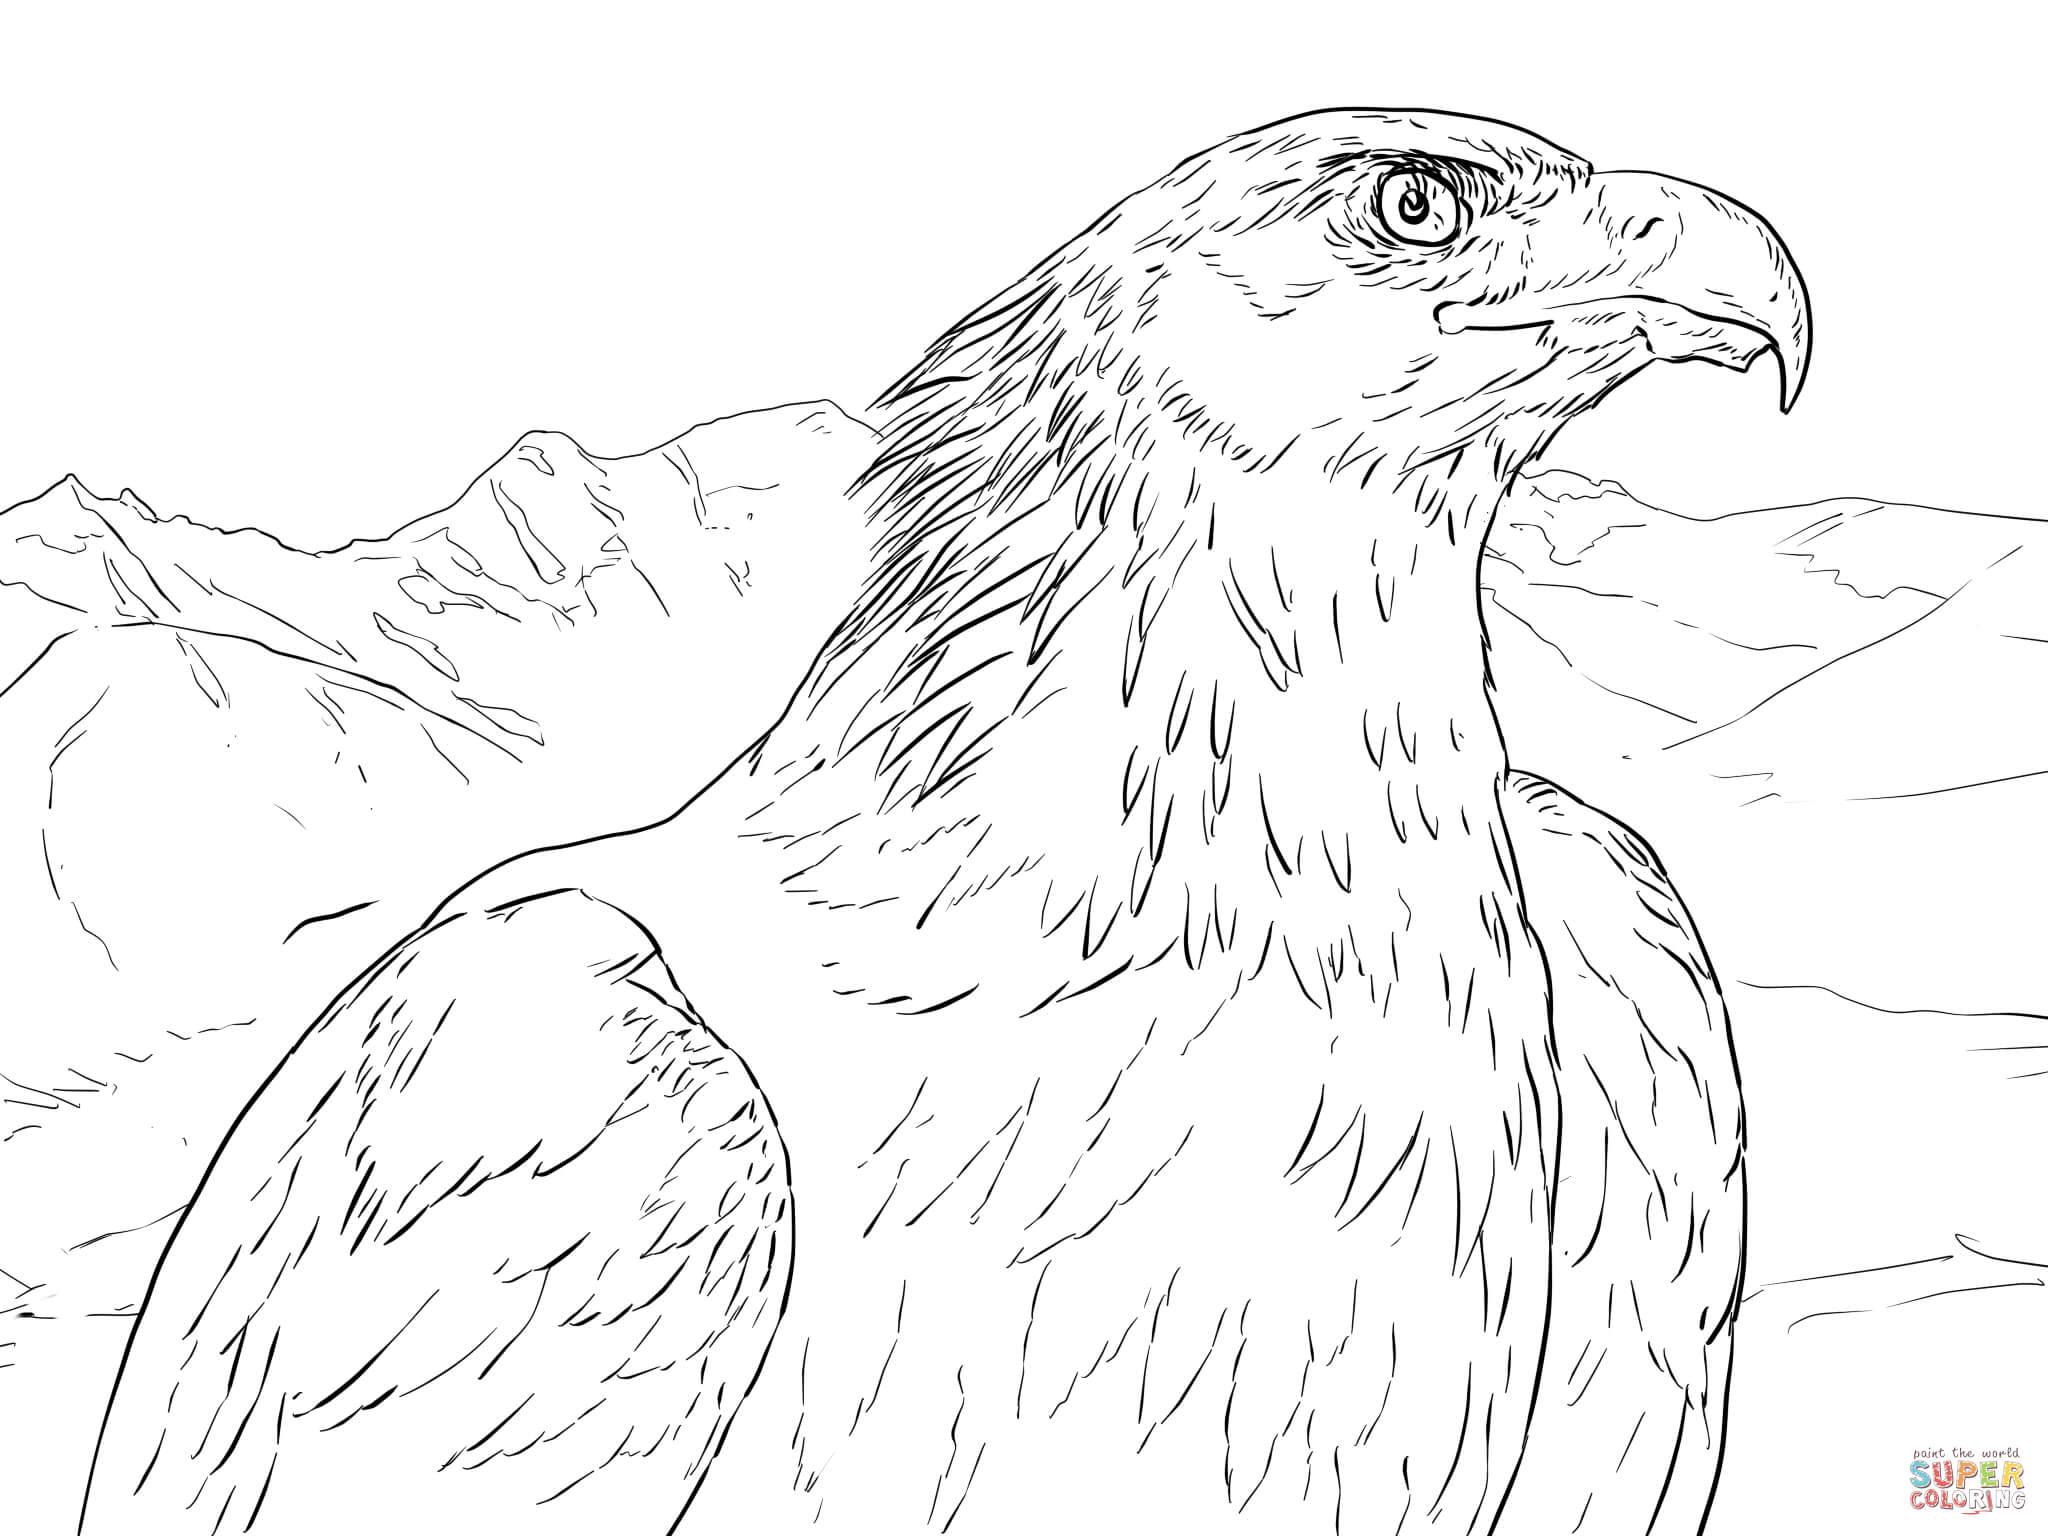 Dibujo de Retrato de un Águila Real para colorear